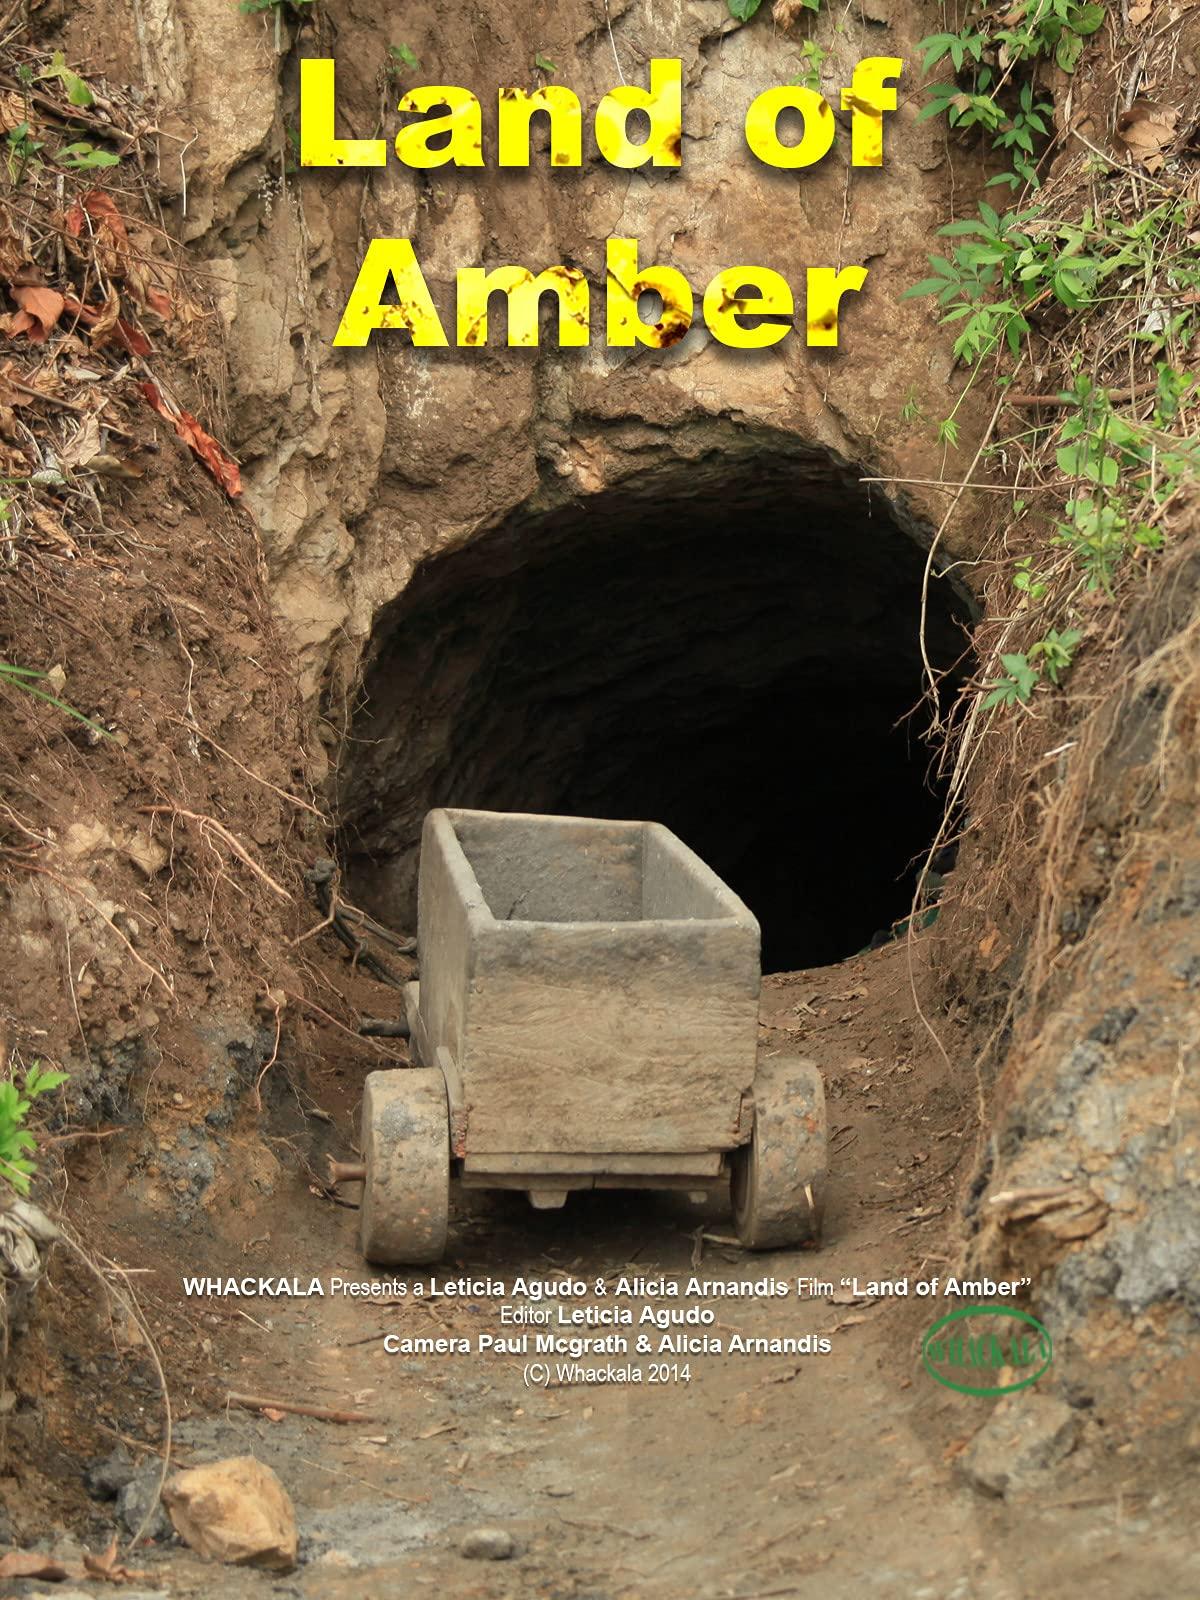 Land of Amber